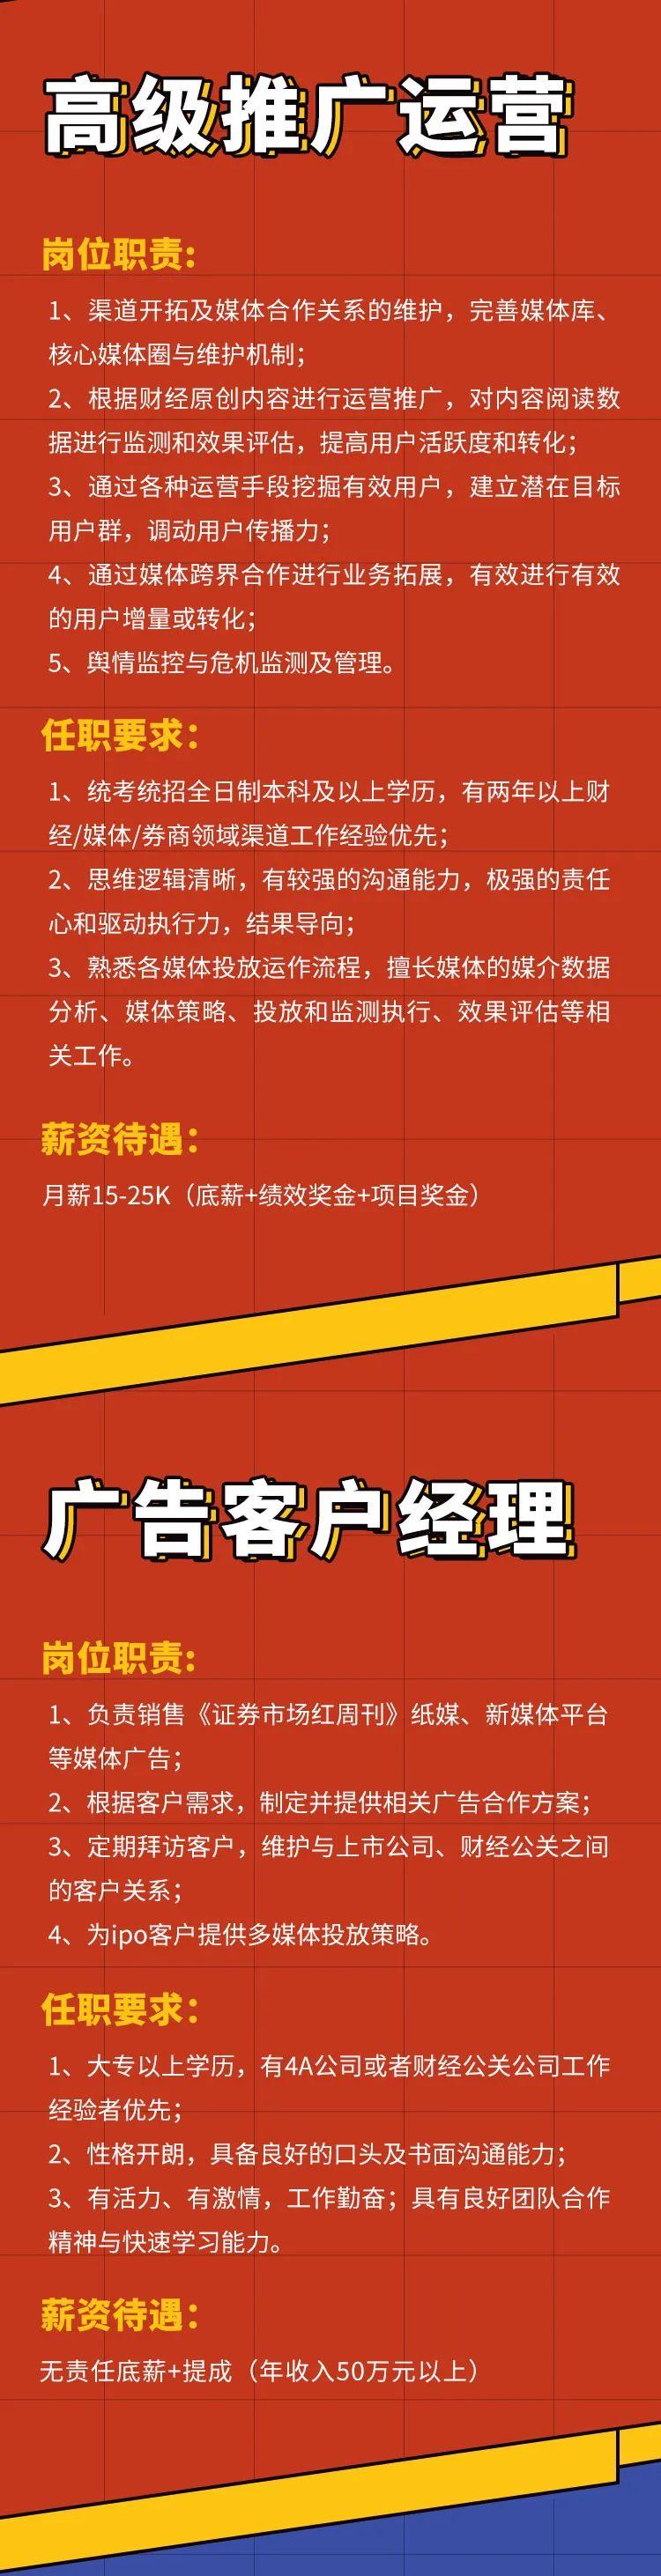 《红周刊》人才集结令!月薪3万招聘一线记者